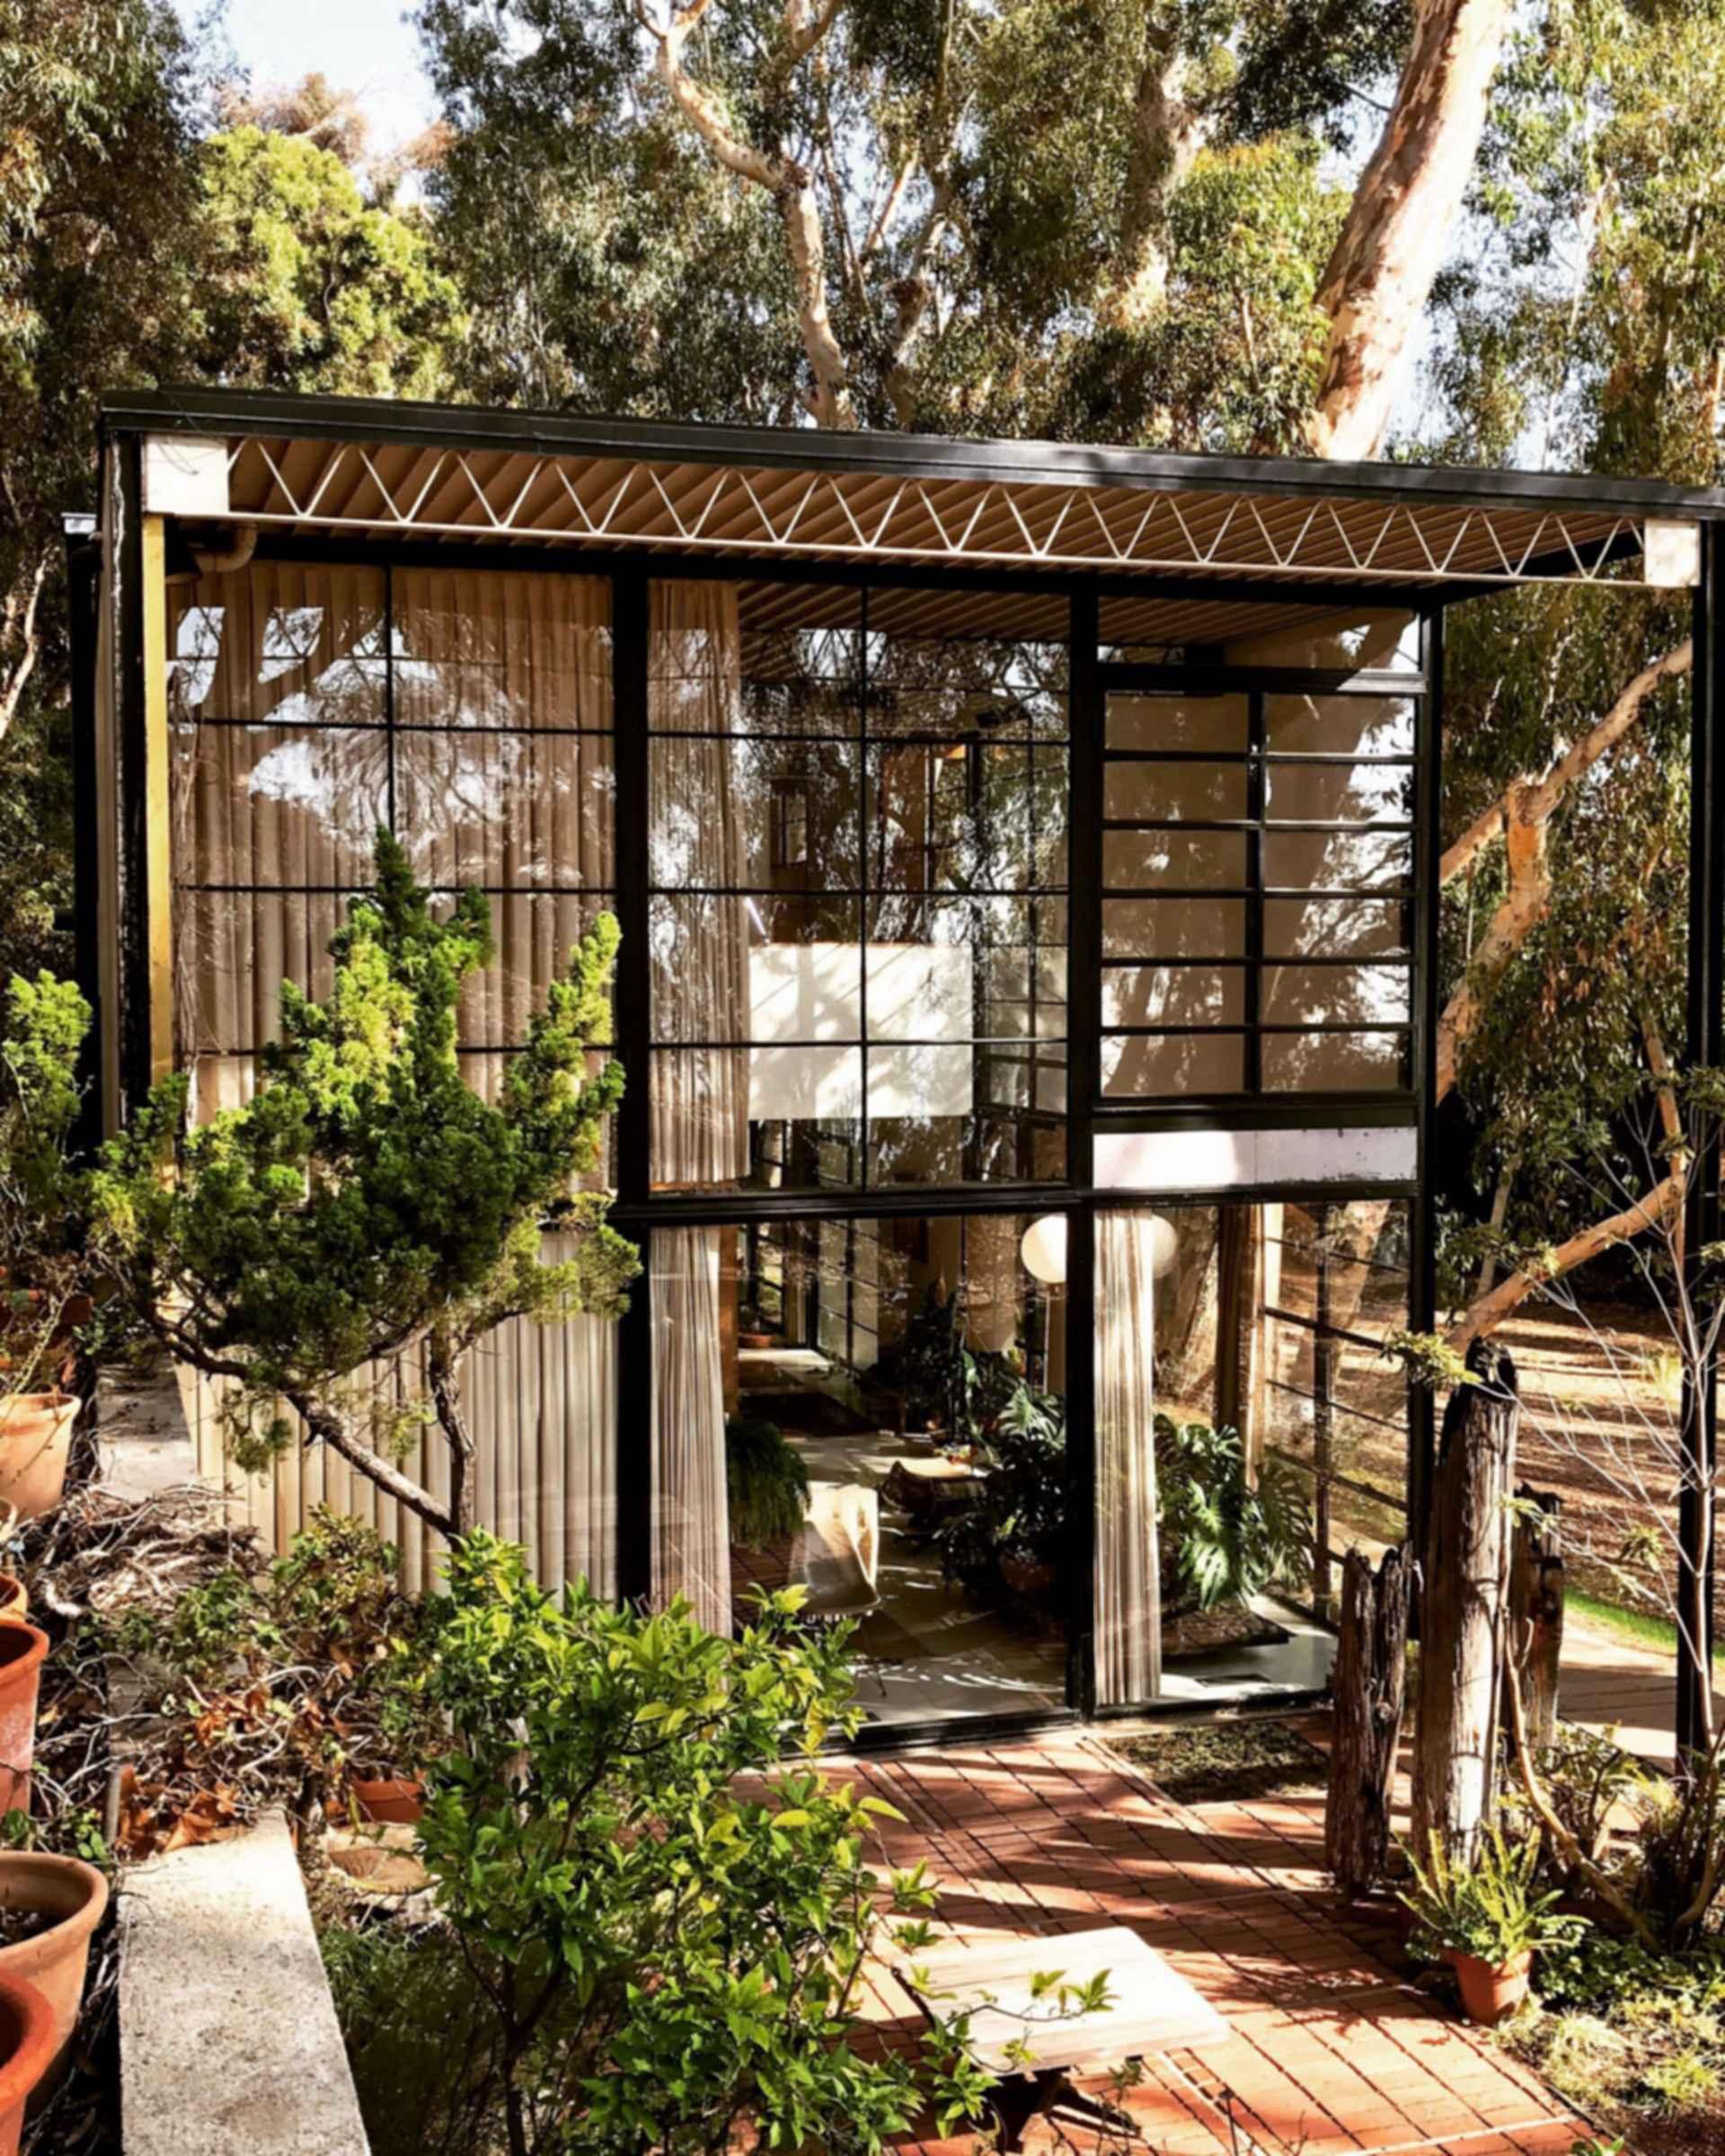 Eames House - Exterior/Entrance